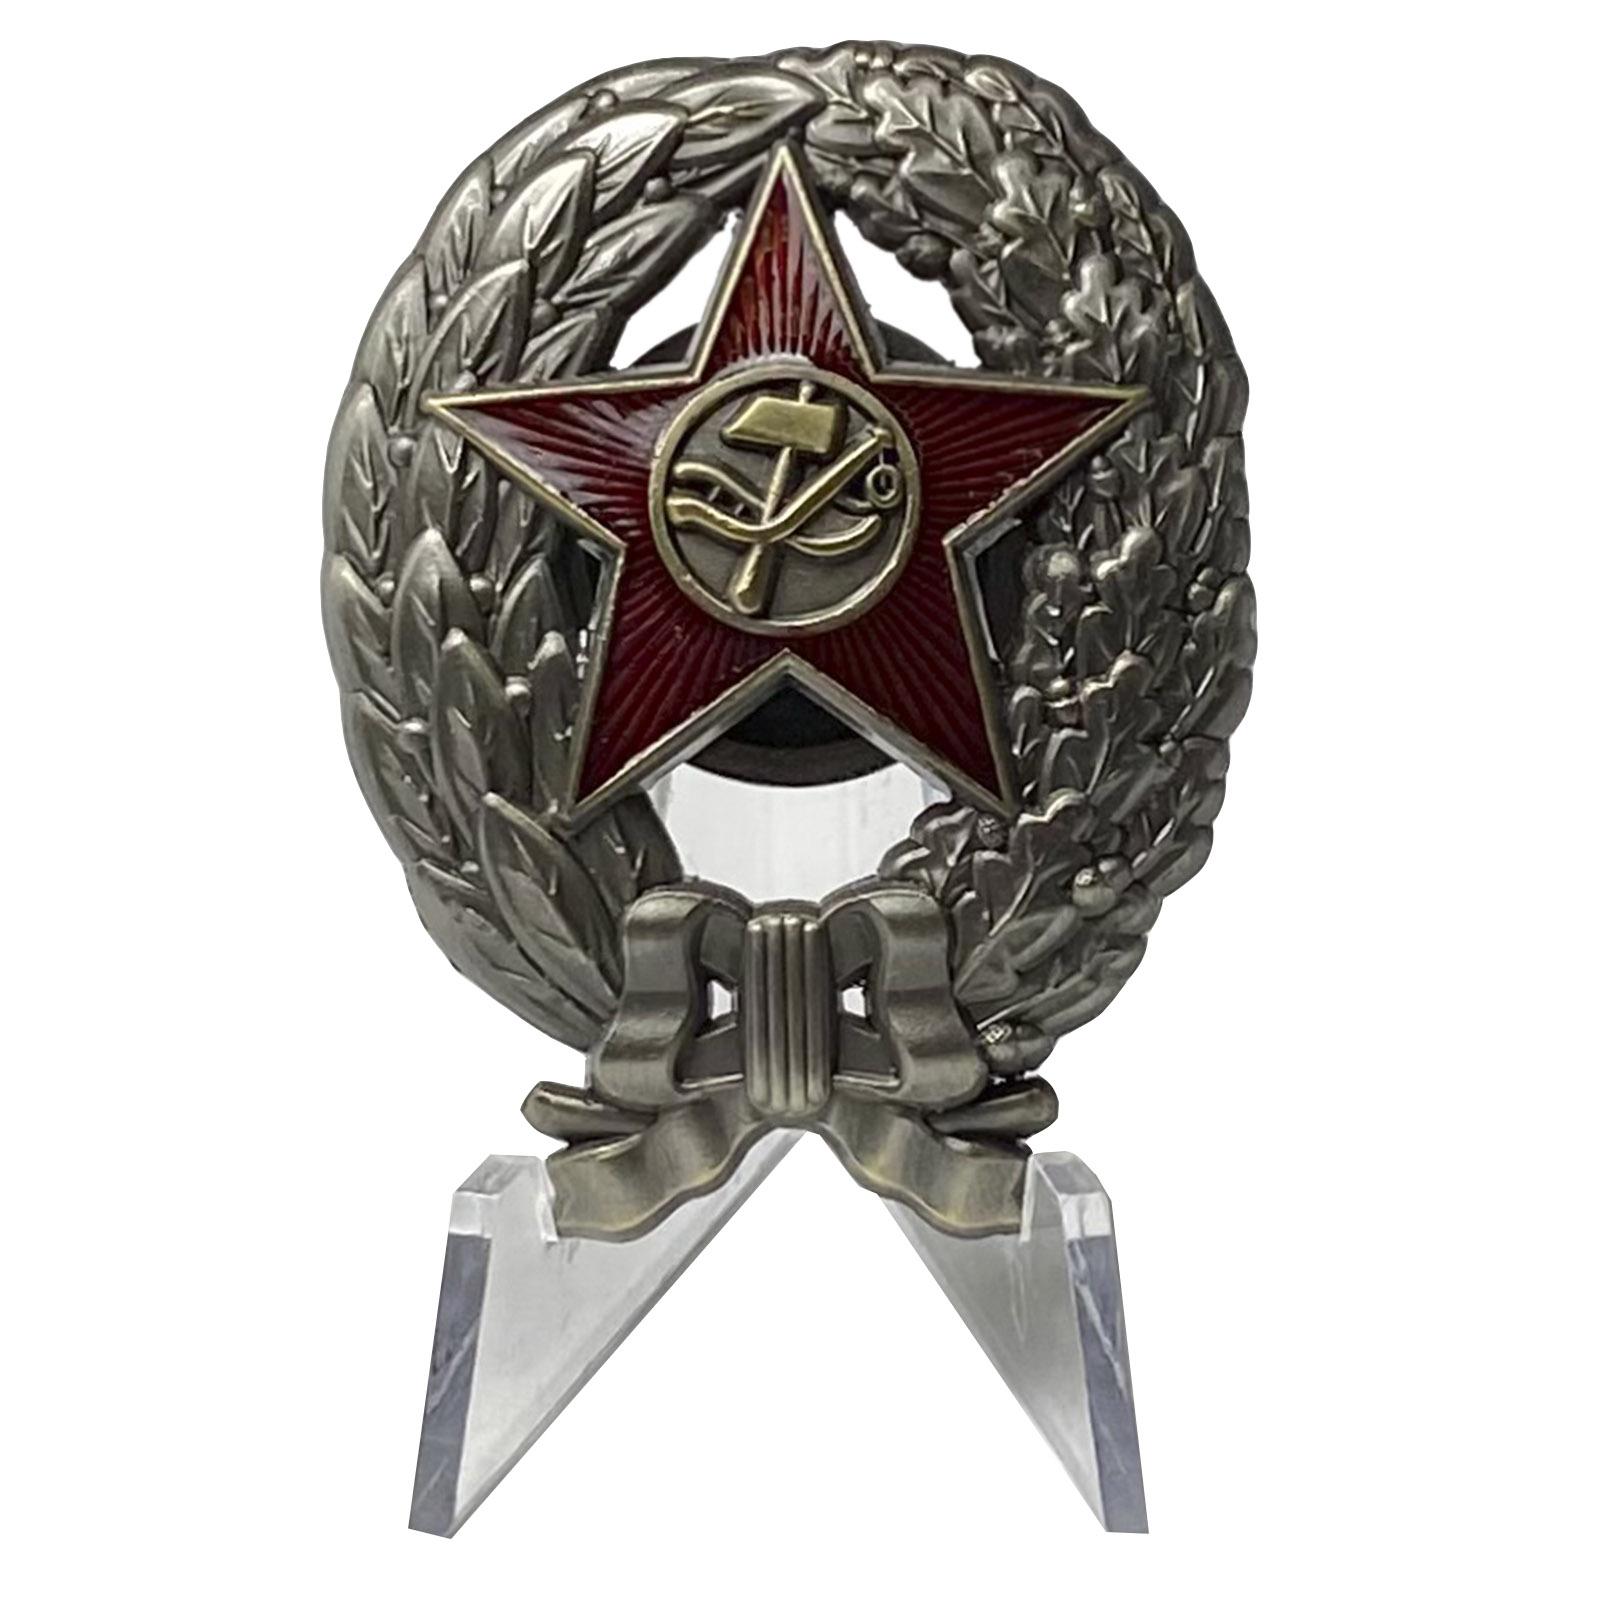 Знак Краскома РККА (1918 г.) на подставке